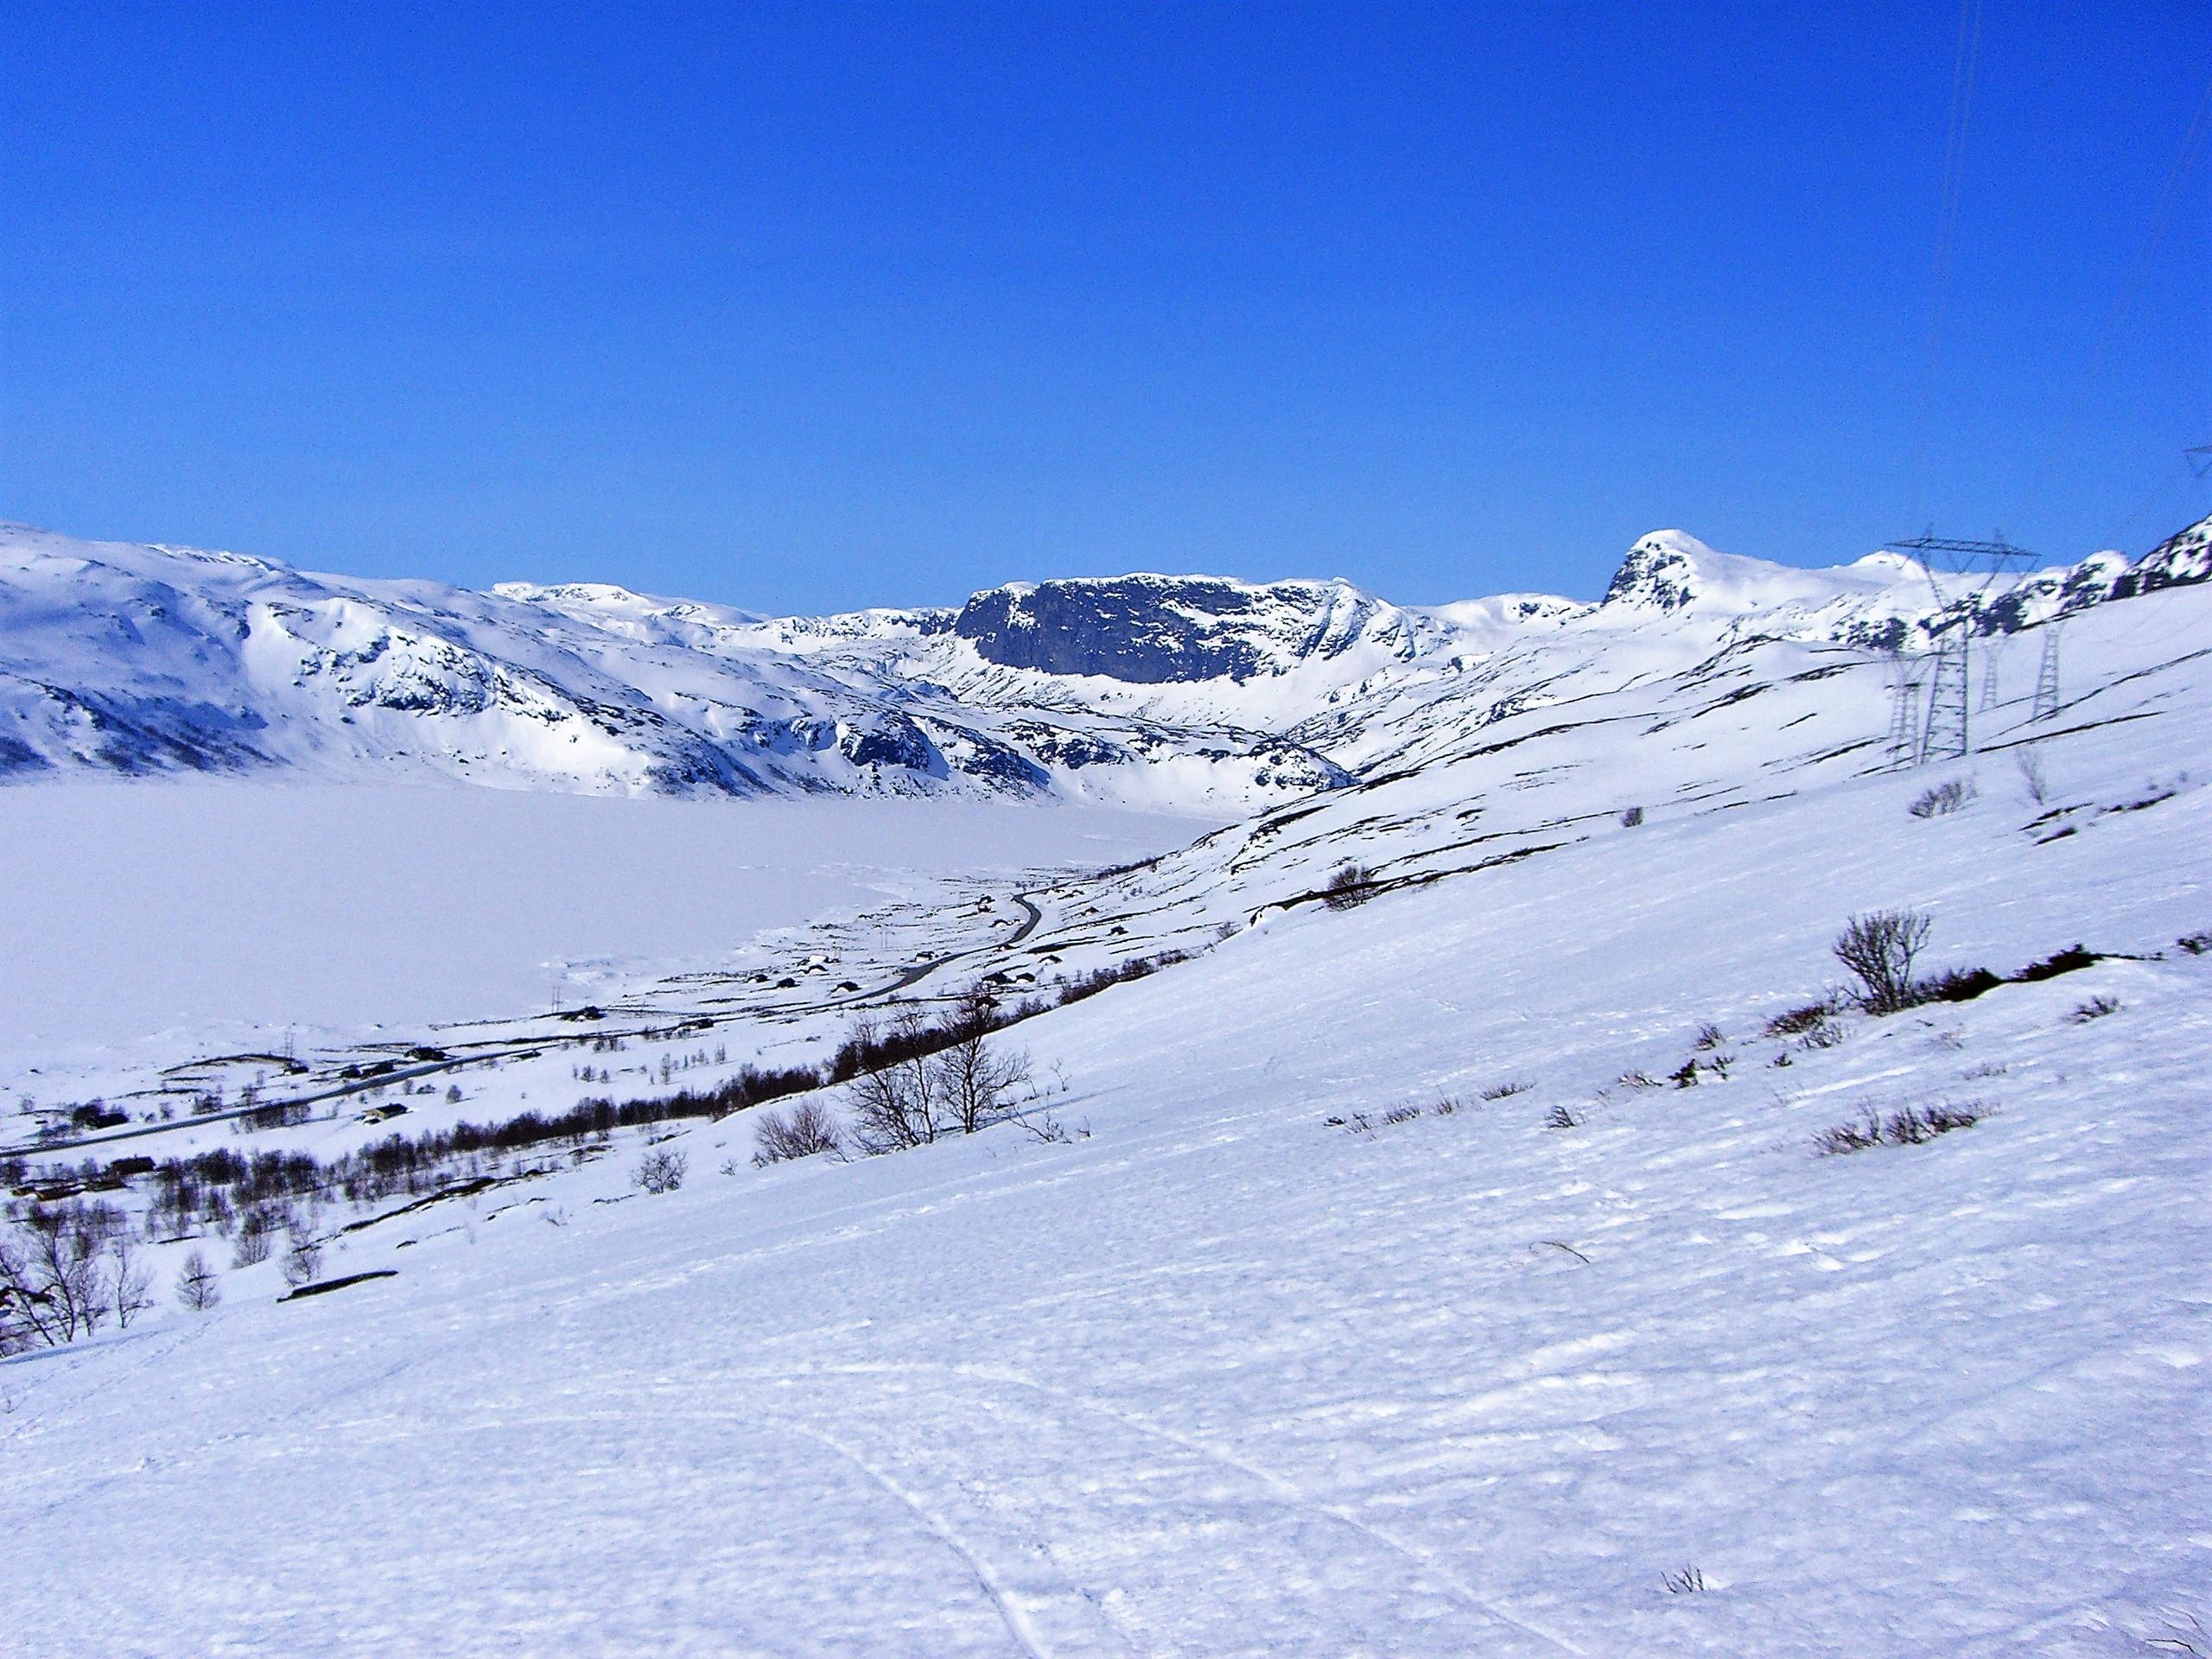 BS Strandavatn oversikt mot vest vinter